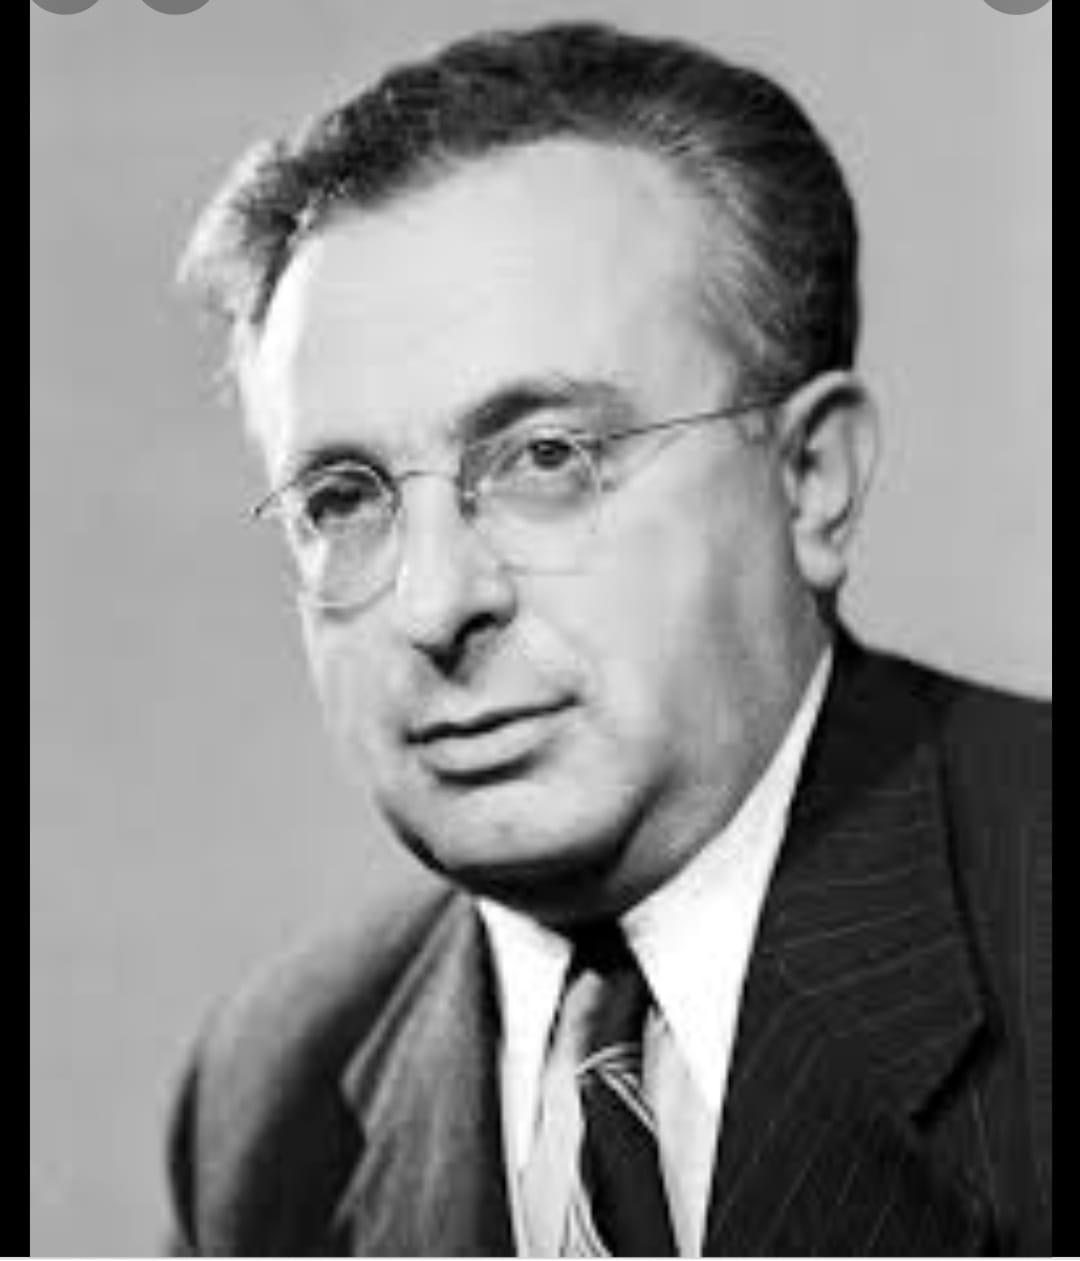 ב-13 באוגוסט 1980 מת בבודפשט הונגריה, זלאטן ואש ויינברגר מבכירי הממשל הקומוניסטי ההונגרי